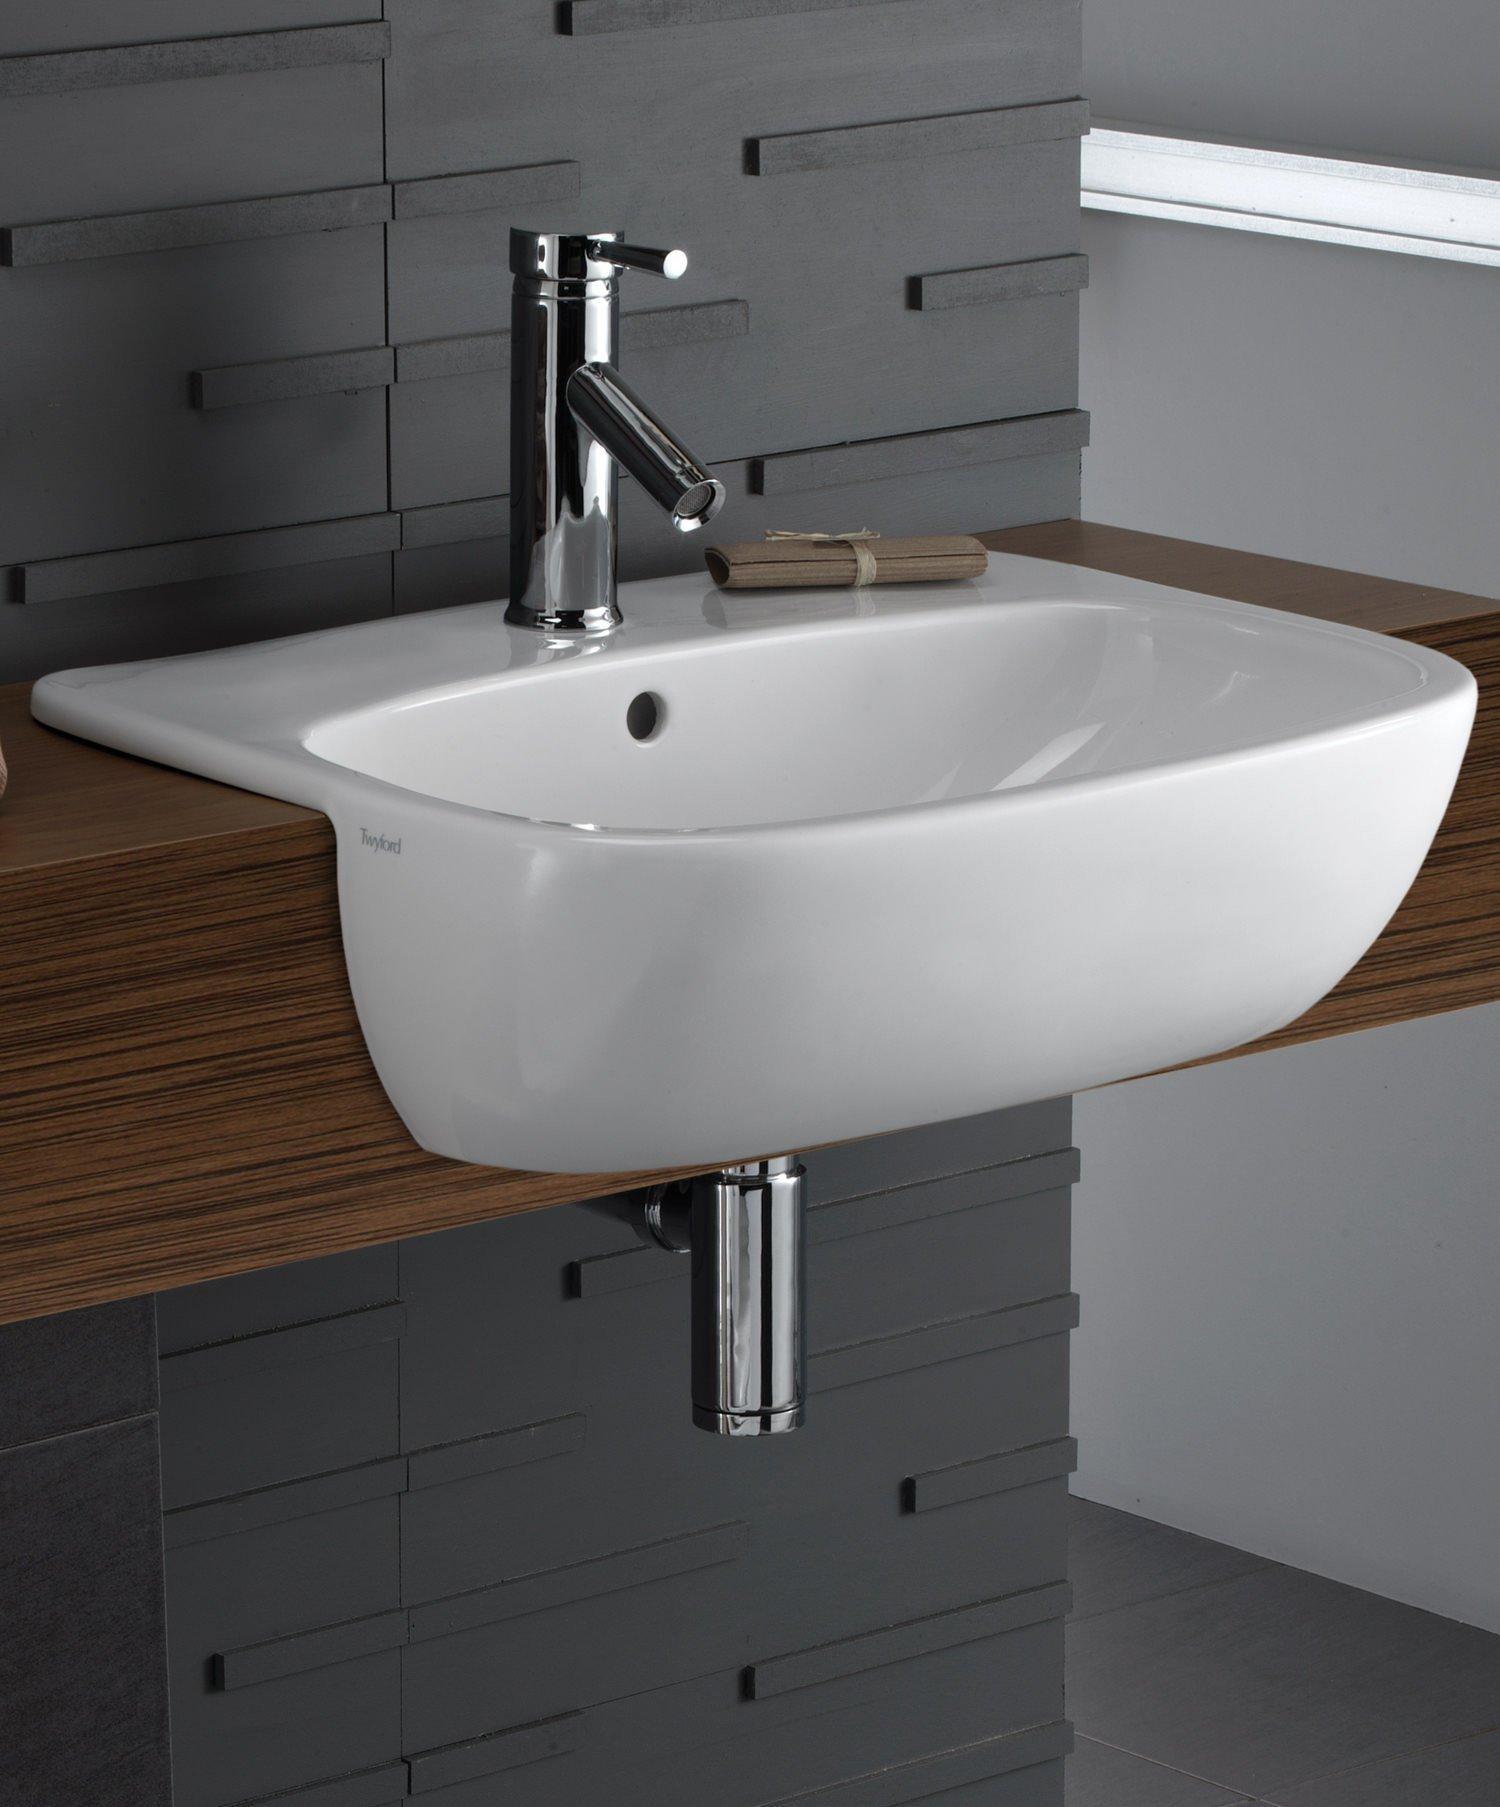 Twyford Moda 550mm Semi-Recessed Basin